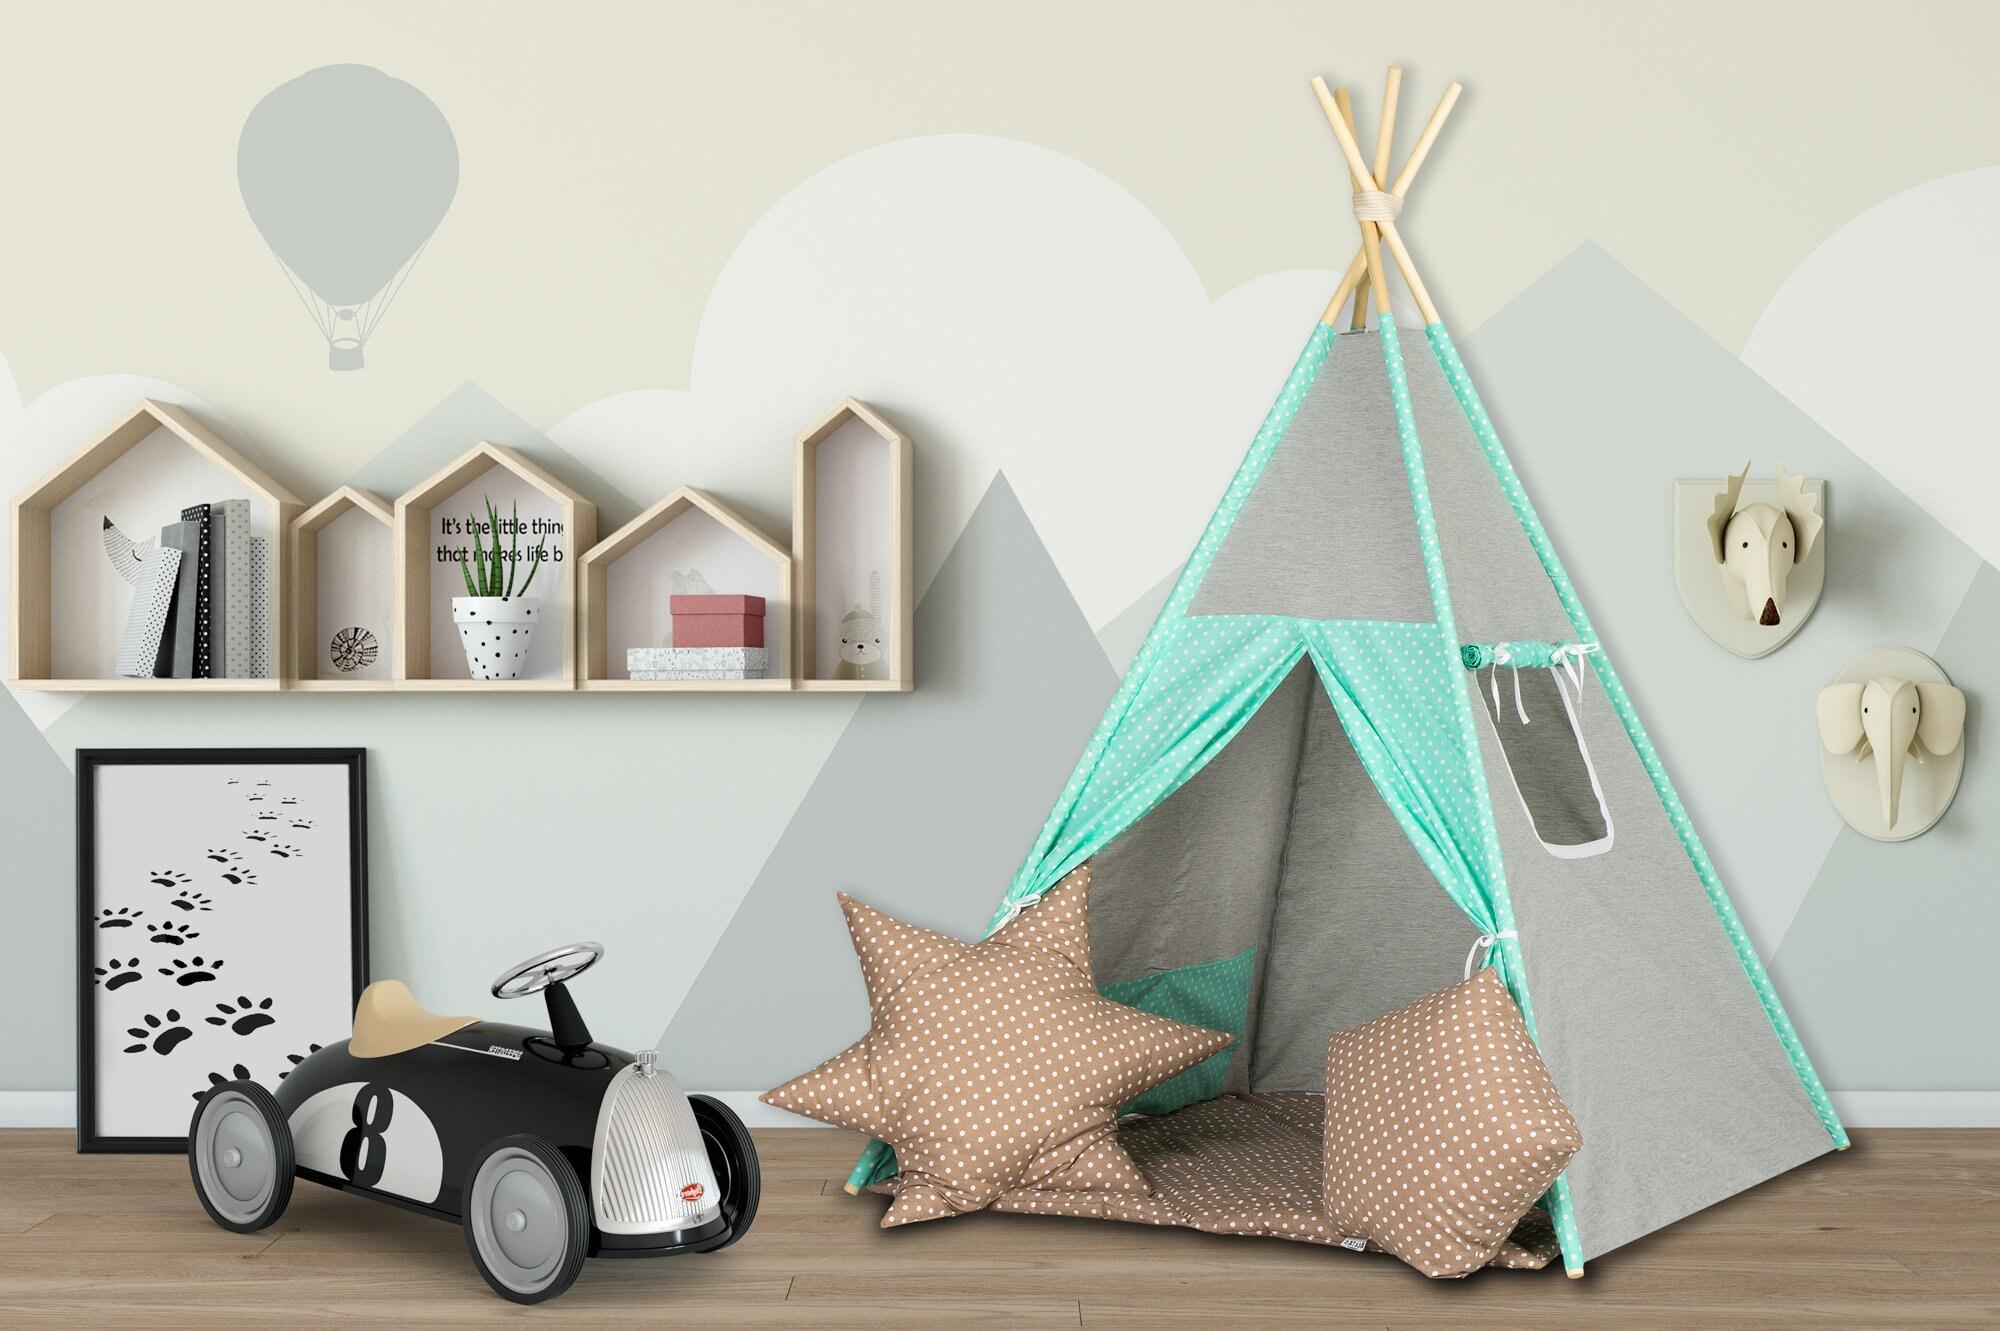 Elfique Nueva carpa para ni/ños carpa tipi para ni/ños carpa de juego con tapete de juego por Klara Brist